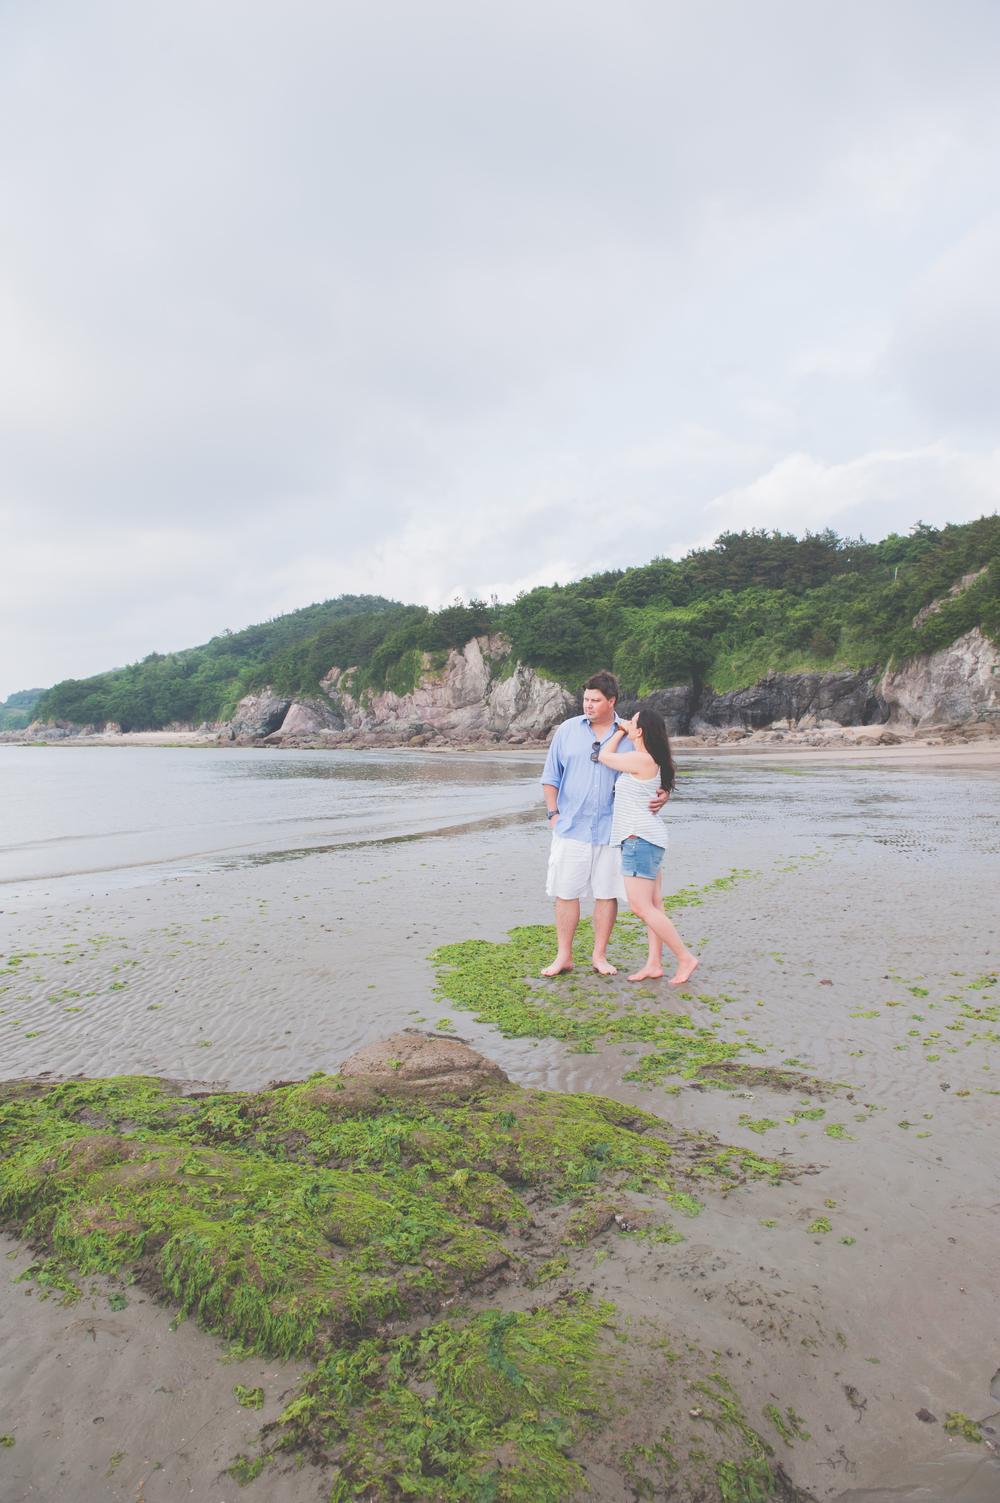 SouthKoreaEngagementPhotographerHencoMarilize (78 of 93).jpg